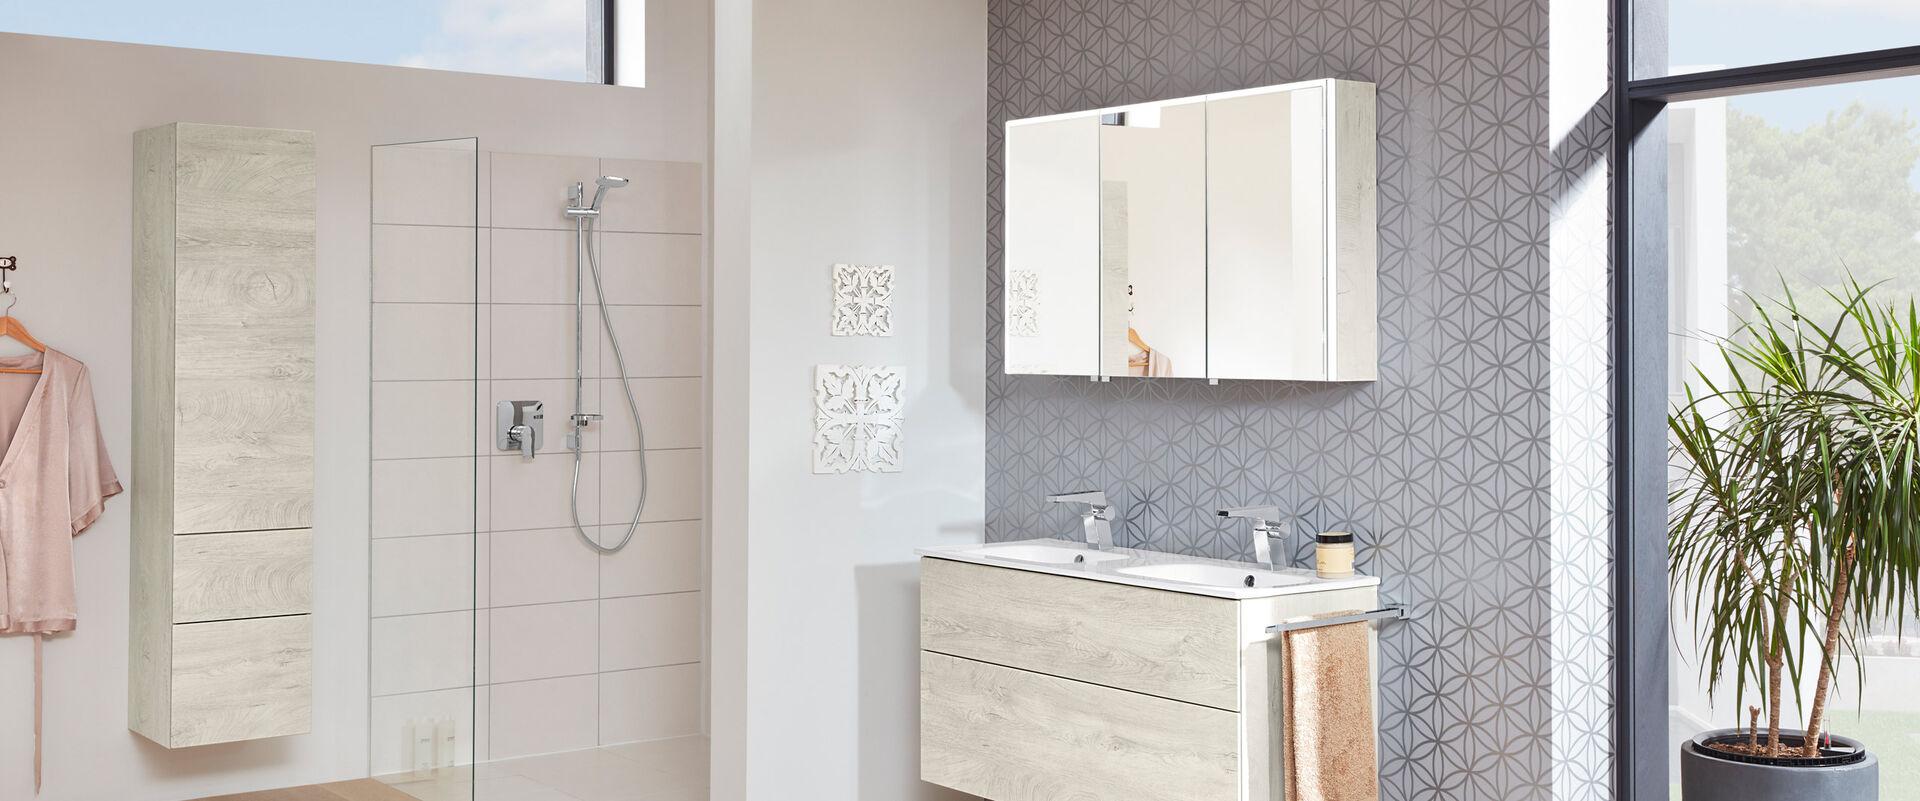 badm bel heibad joy minimalistisches design f r kleine b der. Black Bedroom Furniture Sets. Home Design Ideas